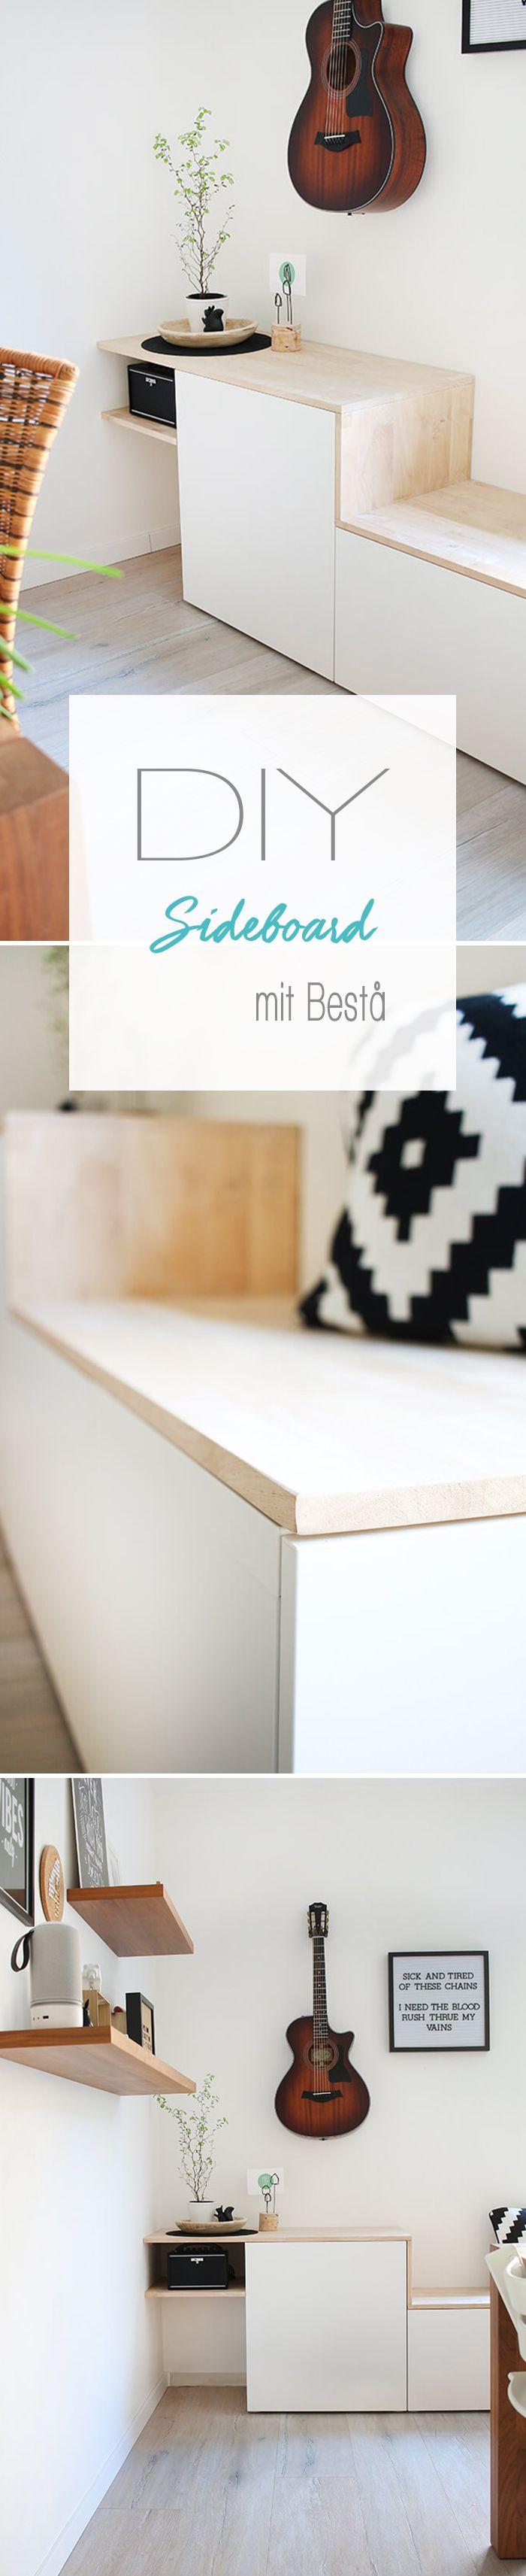 die besten 25 ideen frs zimmer ideen auf pinterest zimmer zimmer und dekor zimmer - Einfache Dekoration Und Mobel Moderne Heizung Fuer Modernes Wohnen